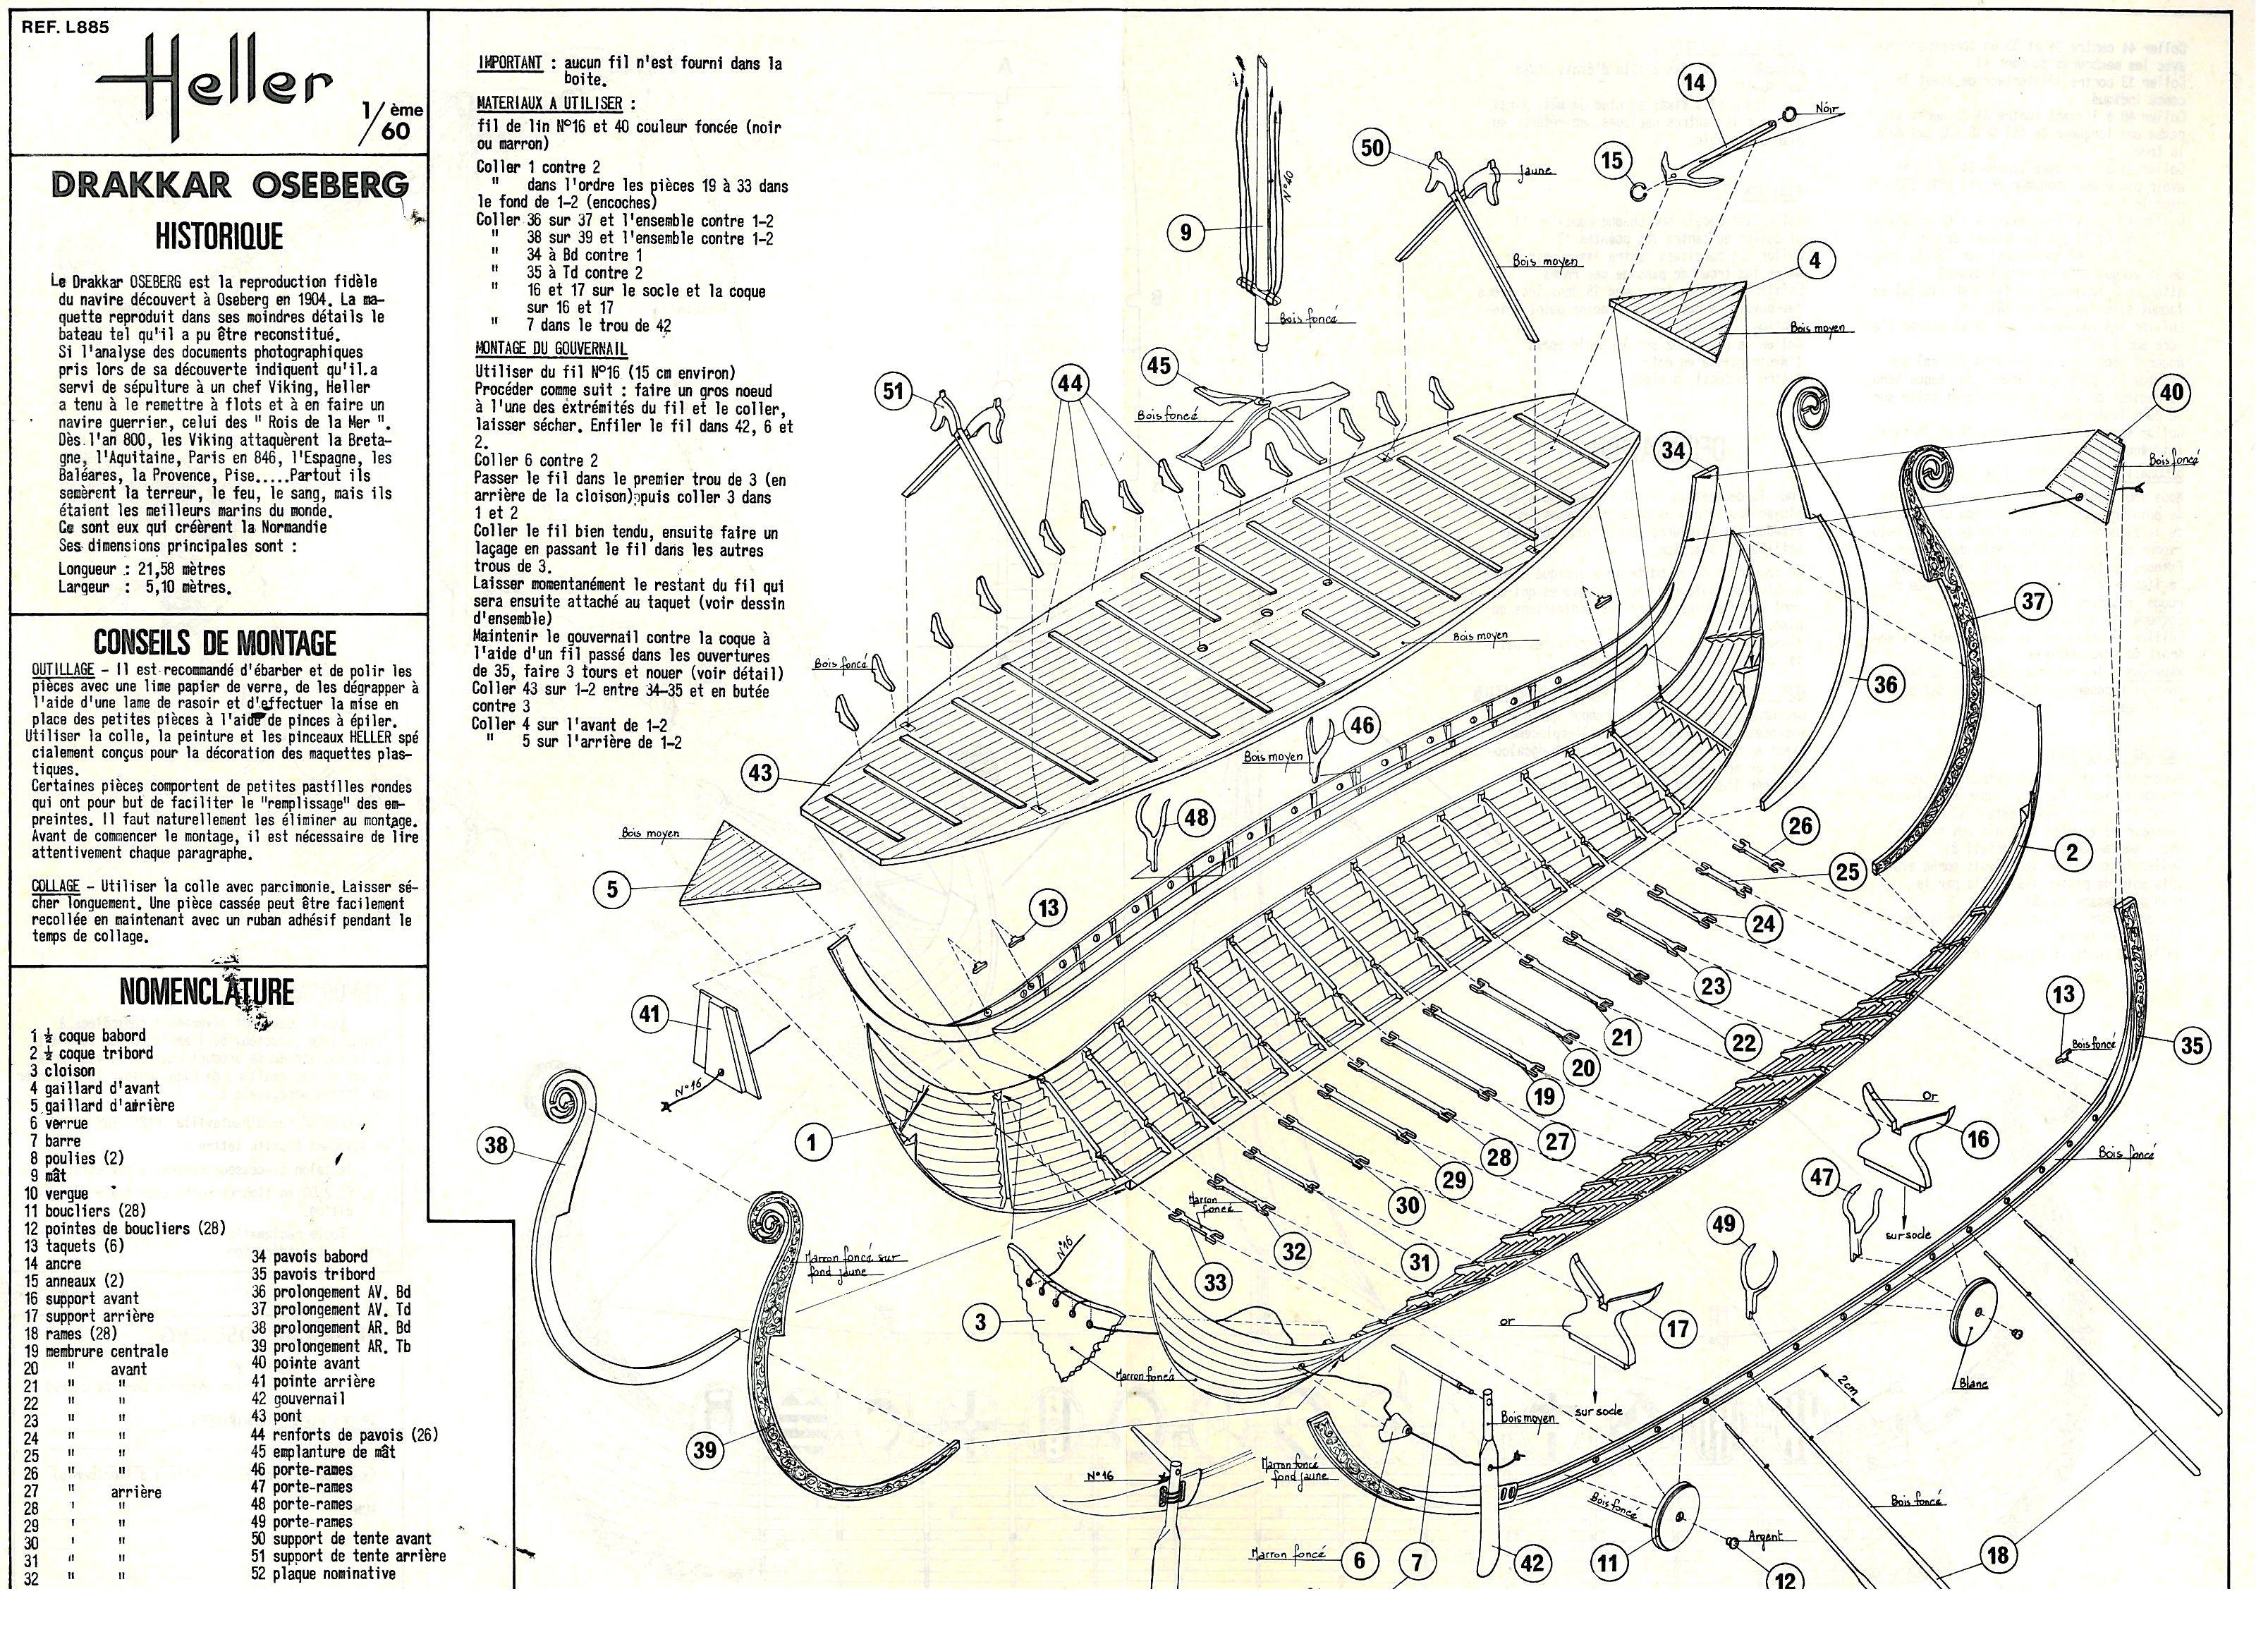 Bauplan eines Models des Osebergschiff | sweden ...